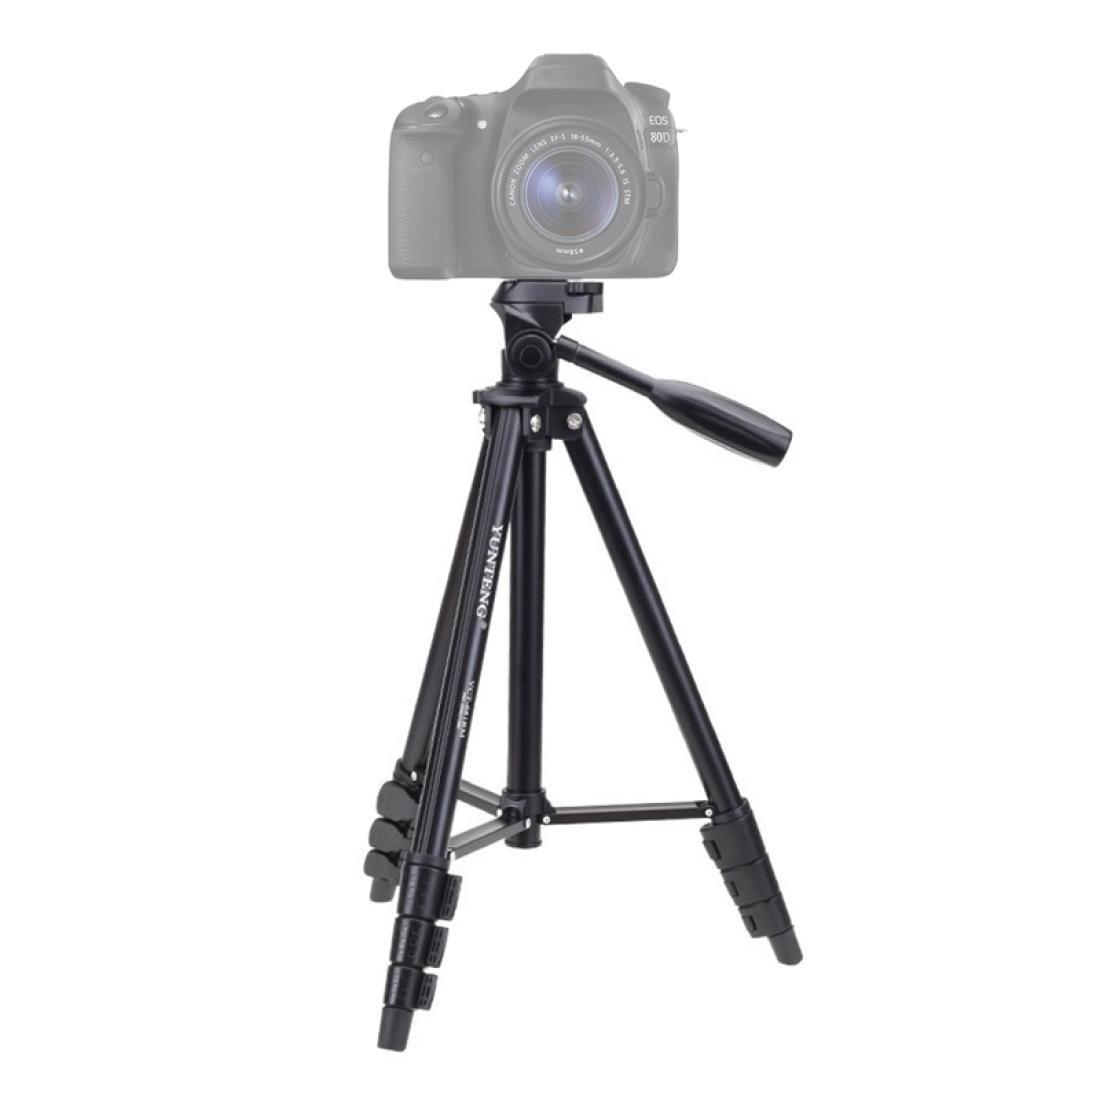 Yunneng VCT-681 138cm SLR Micro-SLR Digitalkameras Stativständer 4-Querschnitt Faltende Aluminiumbeine für Canon Nikon Panasonic PE